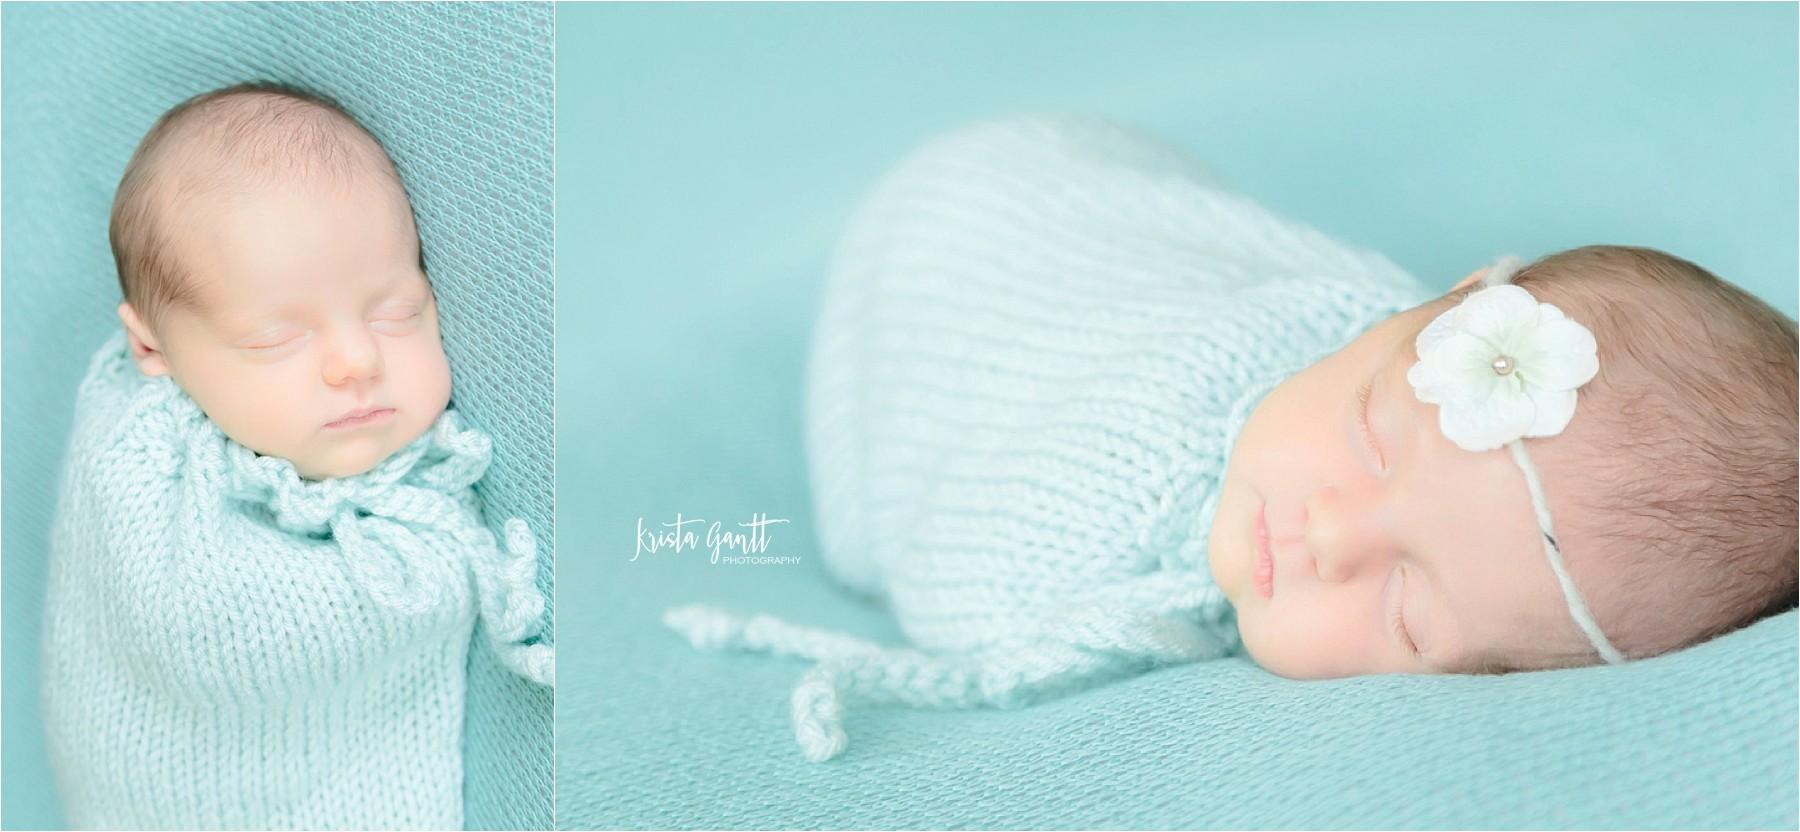 Krista Gantt PhotographyIMG_9515_Krista Gantt Photography.jpg